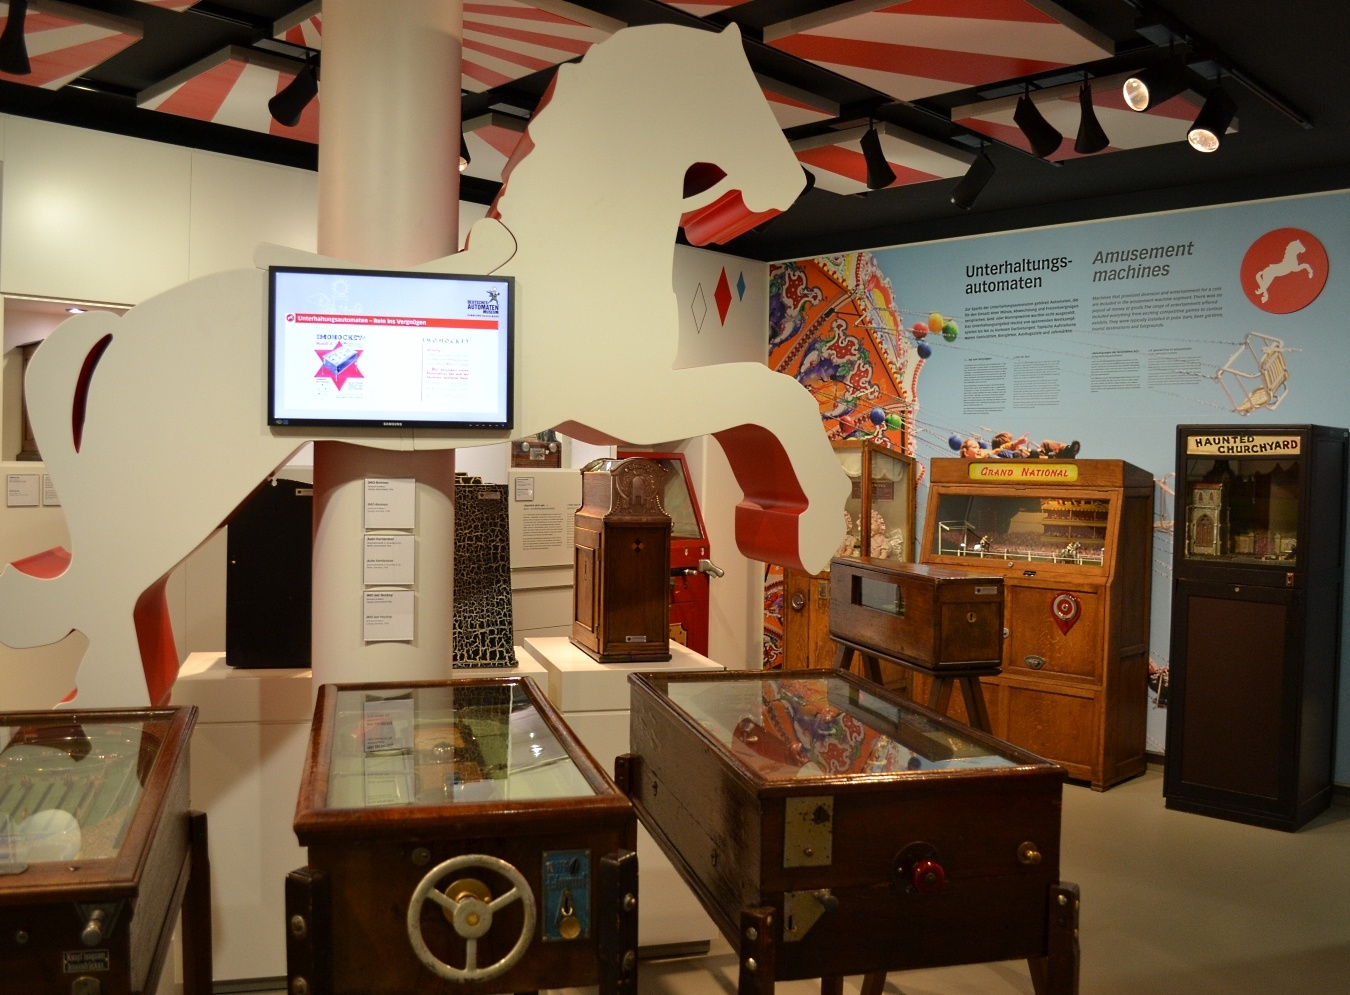 Deutsches Automatenmuseum Espelkamp - Unterhaltung